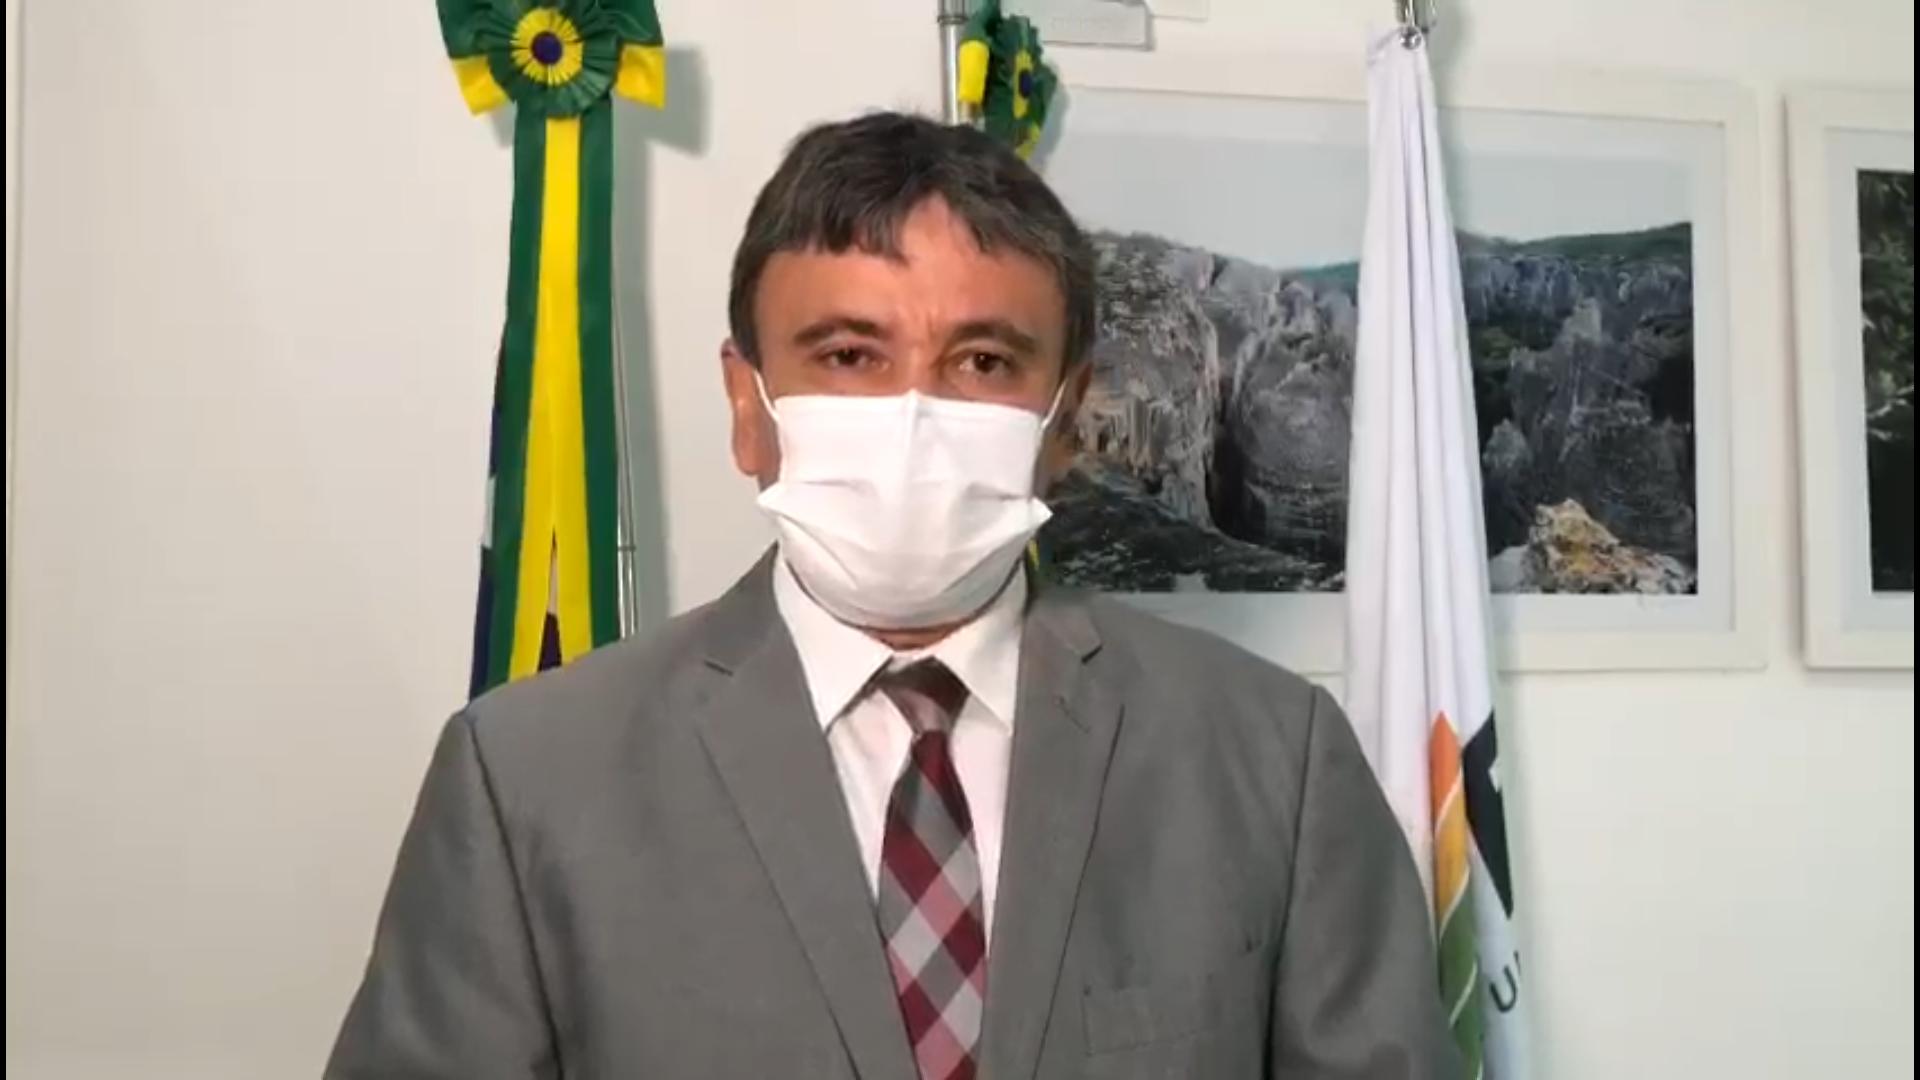 IMAGEM: Após fala de Bolsonaro, governadores vão às redes defender uso de máscara